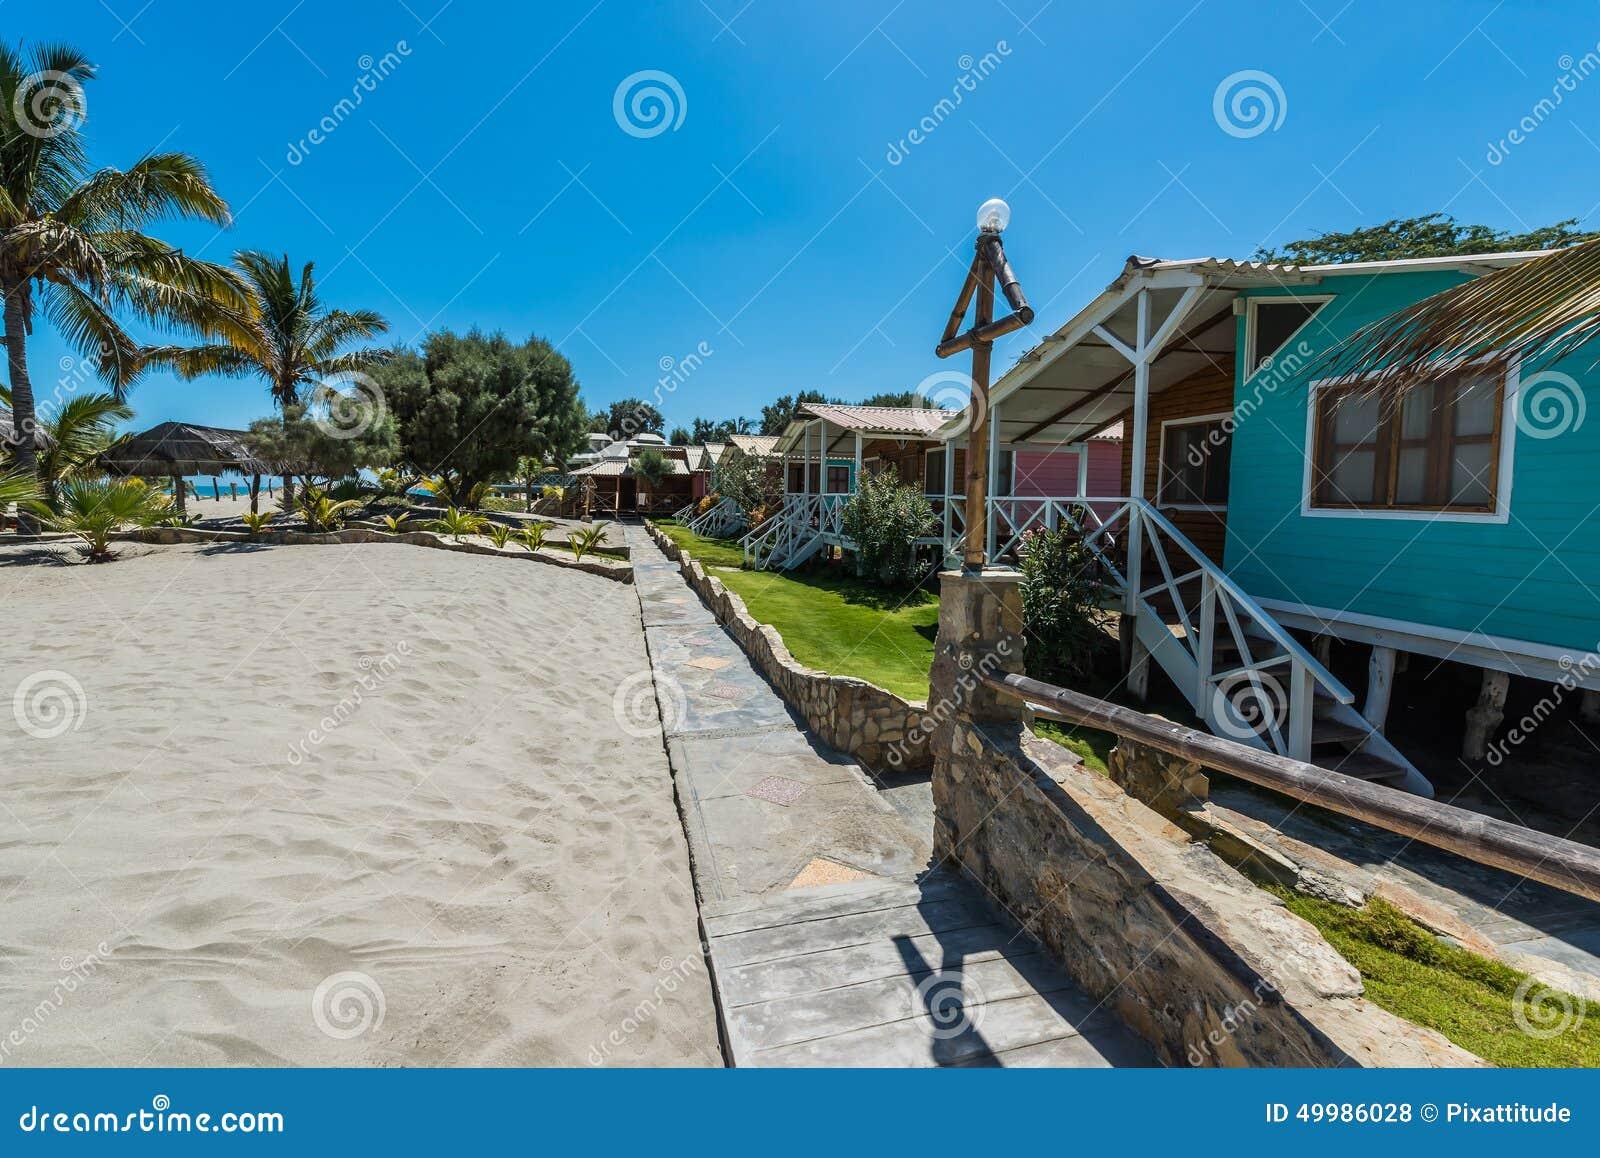 Maisons de plage dans la côte péruvienne chez Piura Pérou